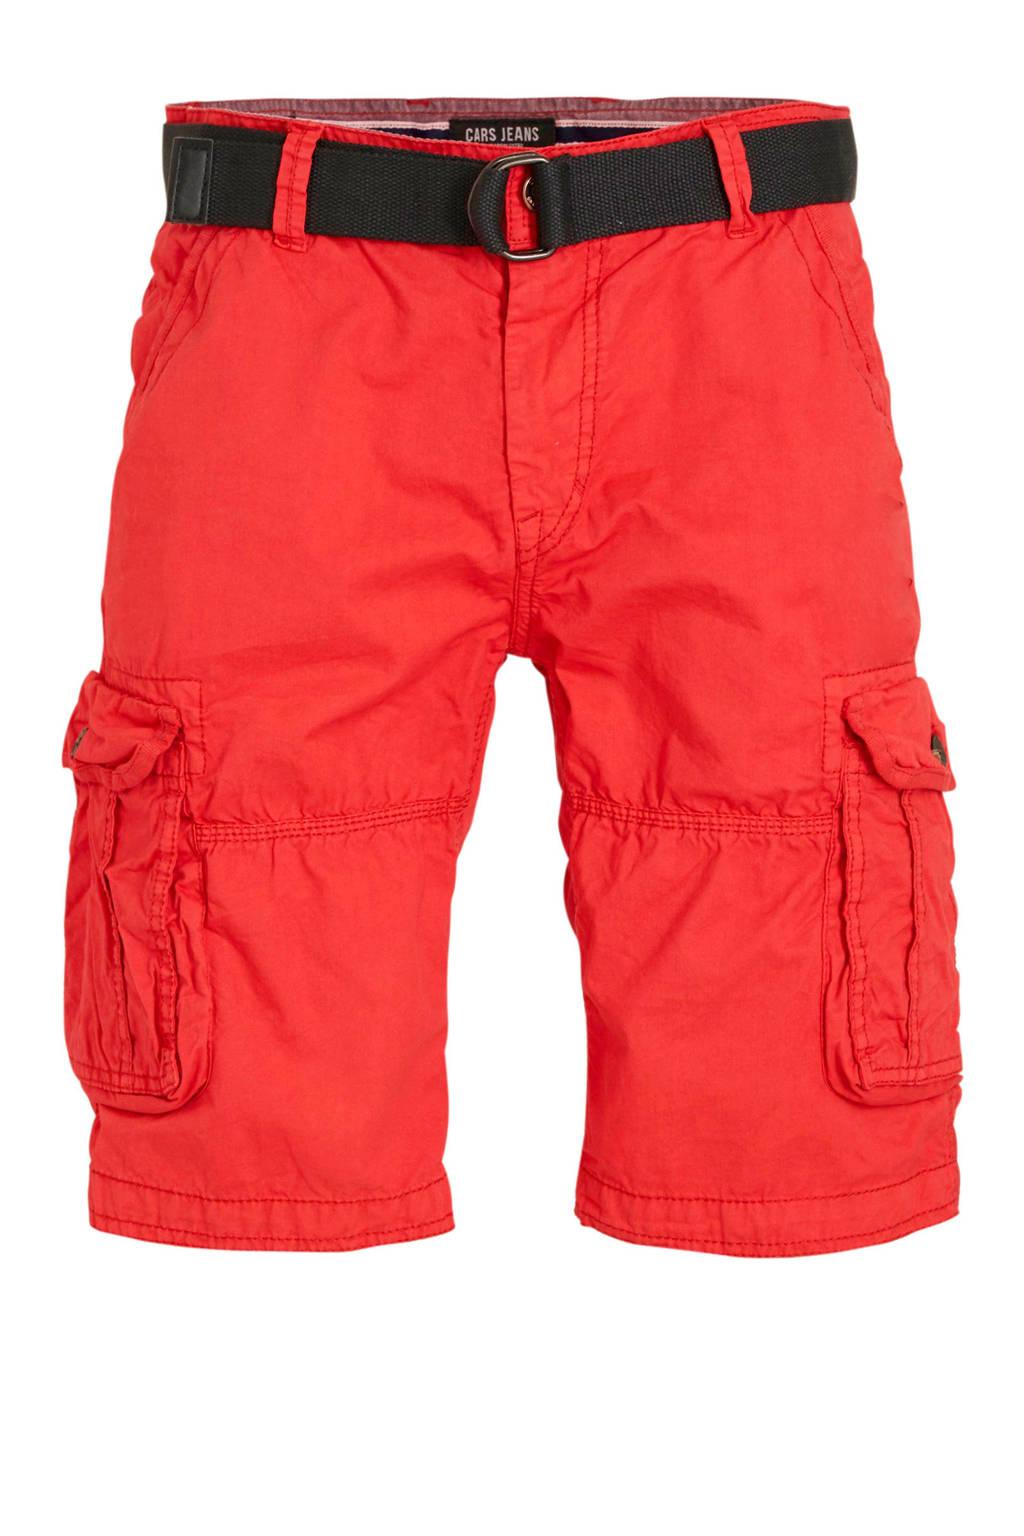 Cars regular fit cargo bermuda rood met riem, Rood